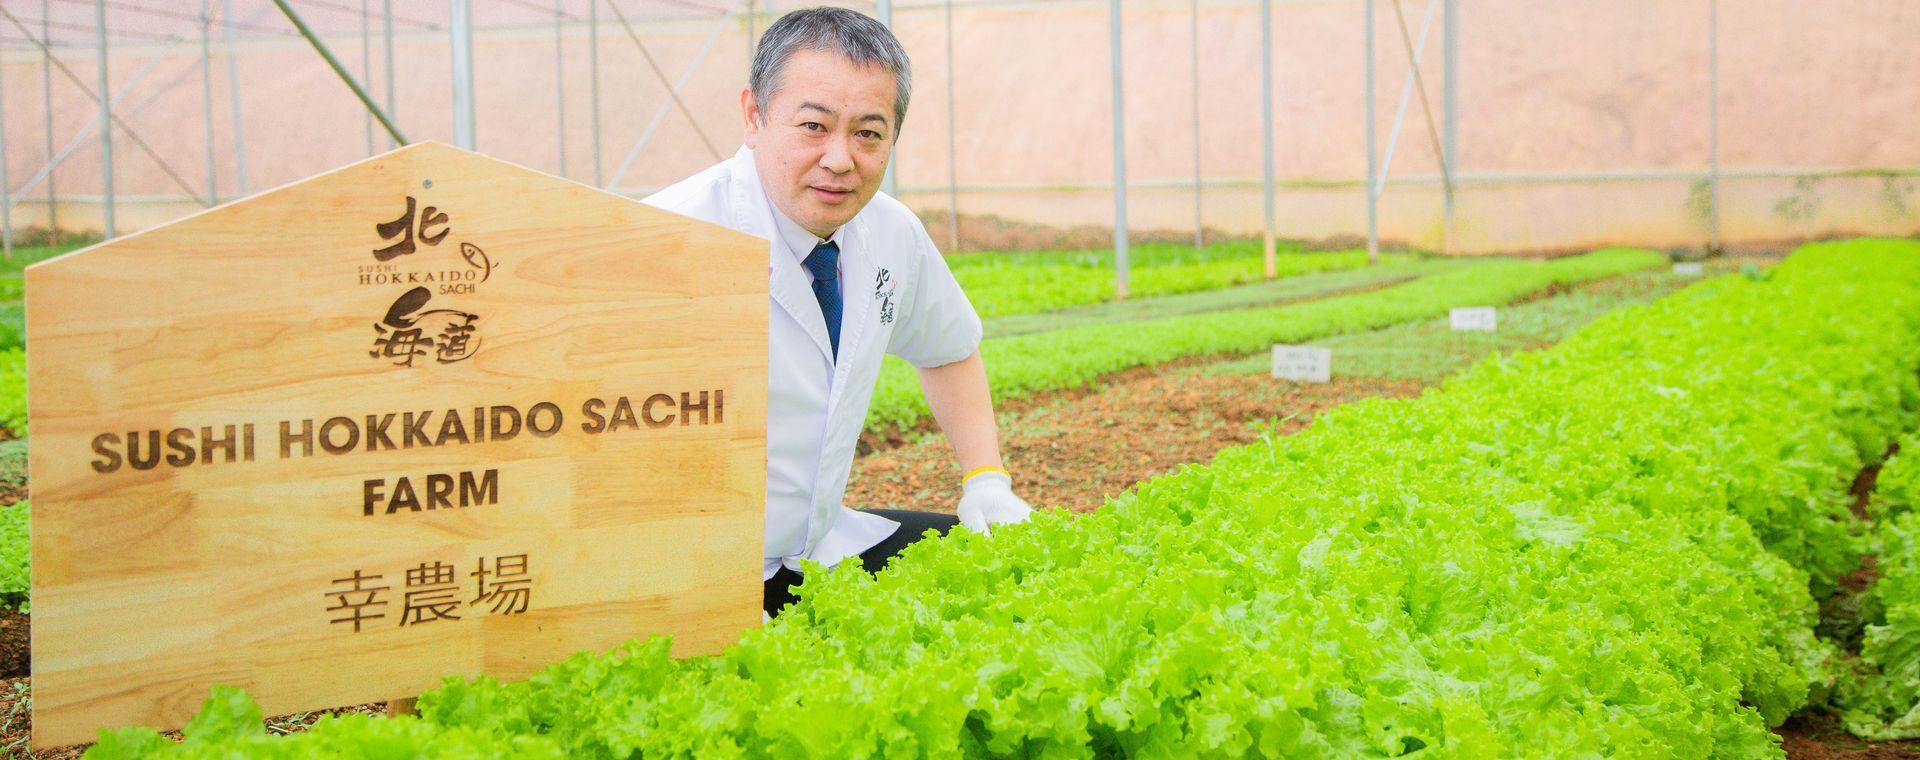 <span>Sushi Hokkaido Sachi Farm - Journey from farm to table</span>